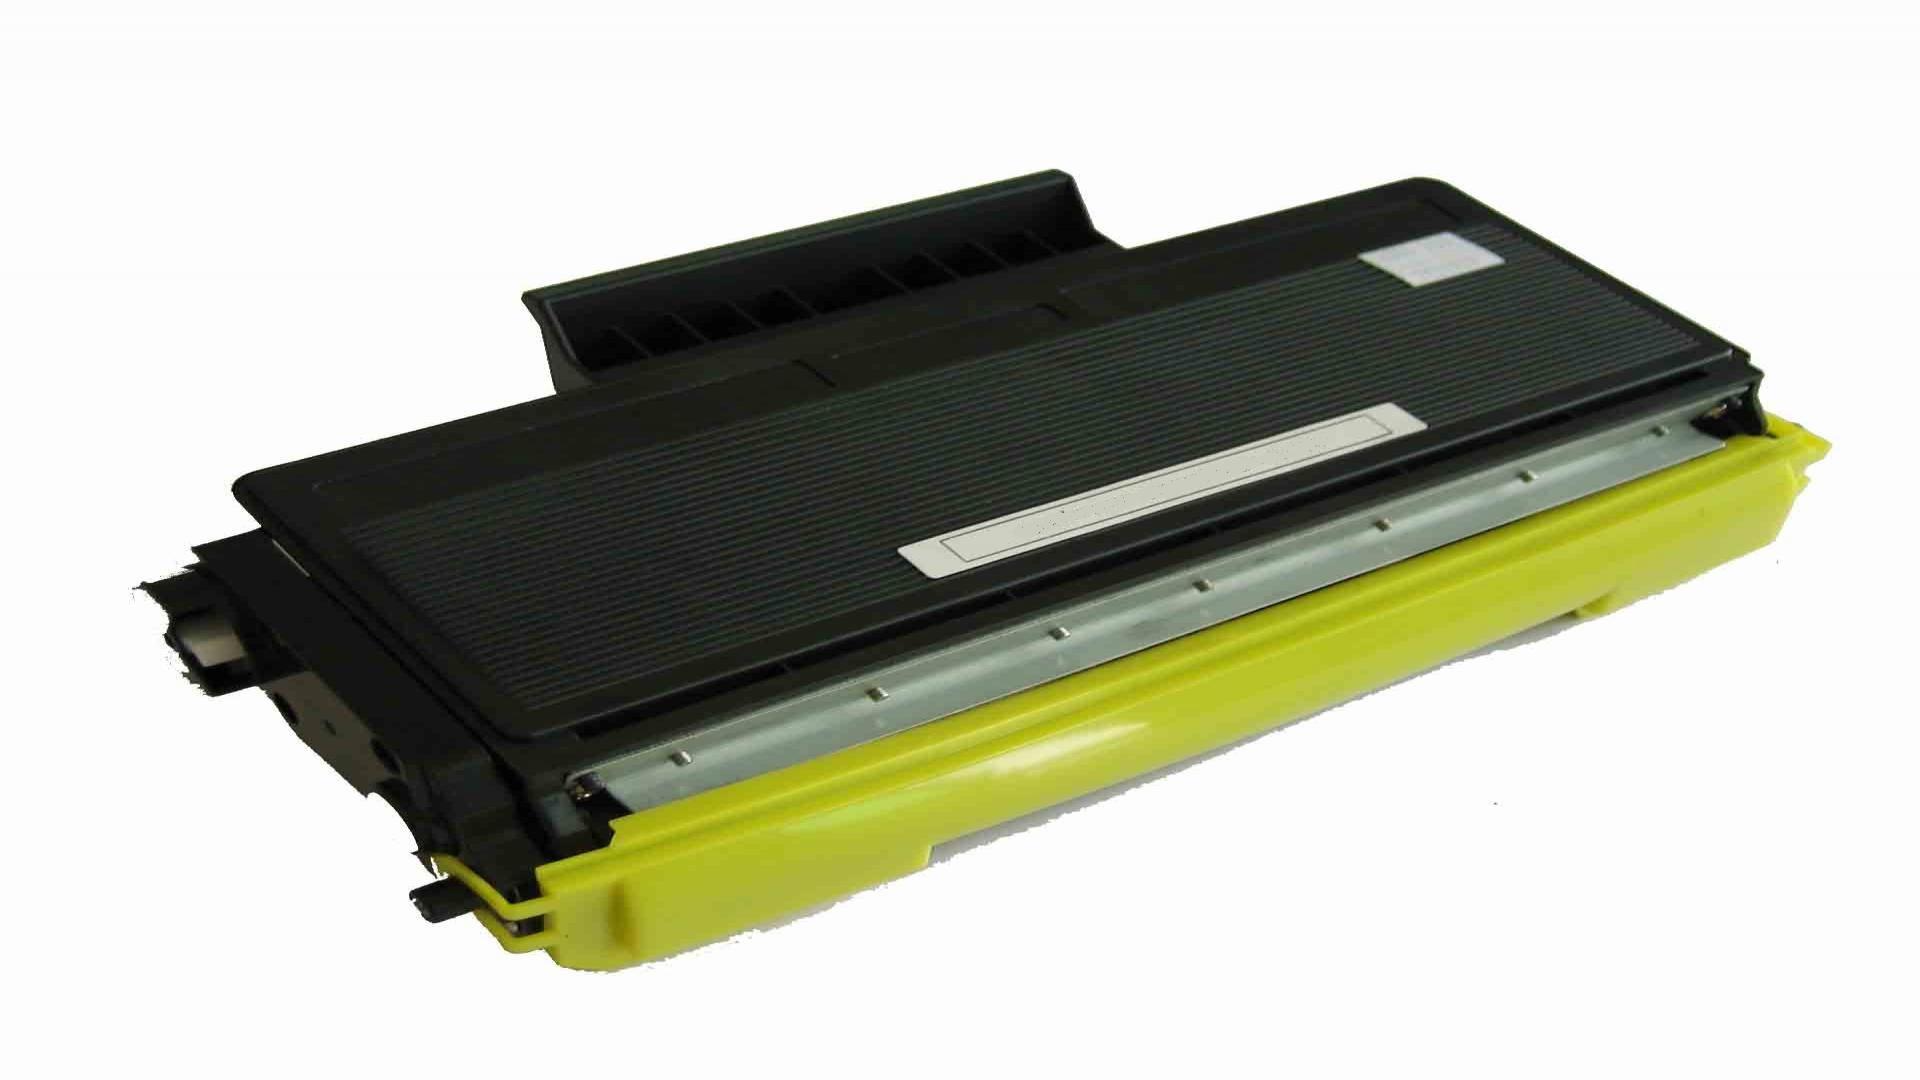 Alternativer Eurotone Toner TN 3170 per Brother HL Serie: HL 5240, HL 5250, HL 5250DN, HL 5270, HL